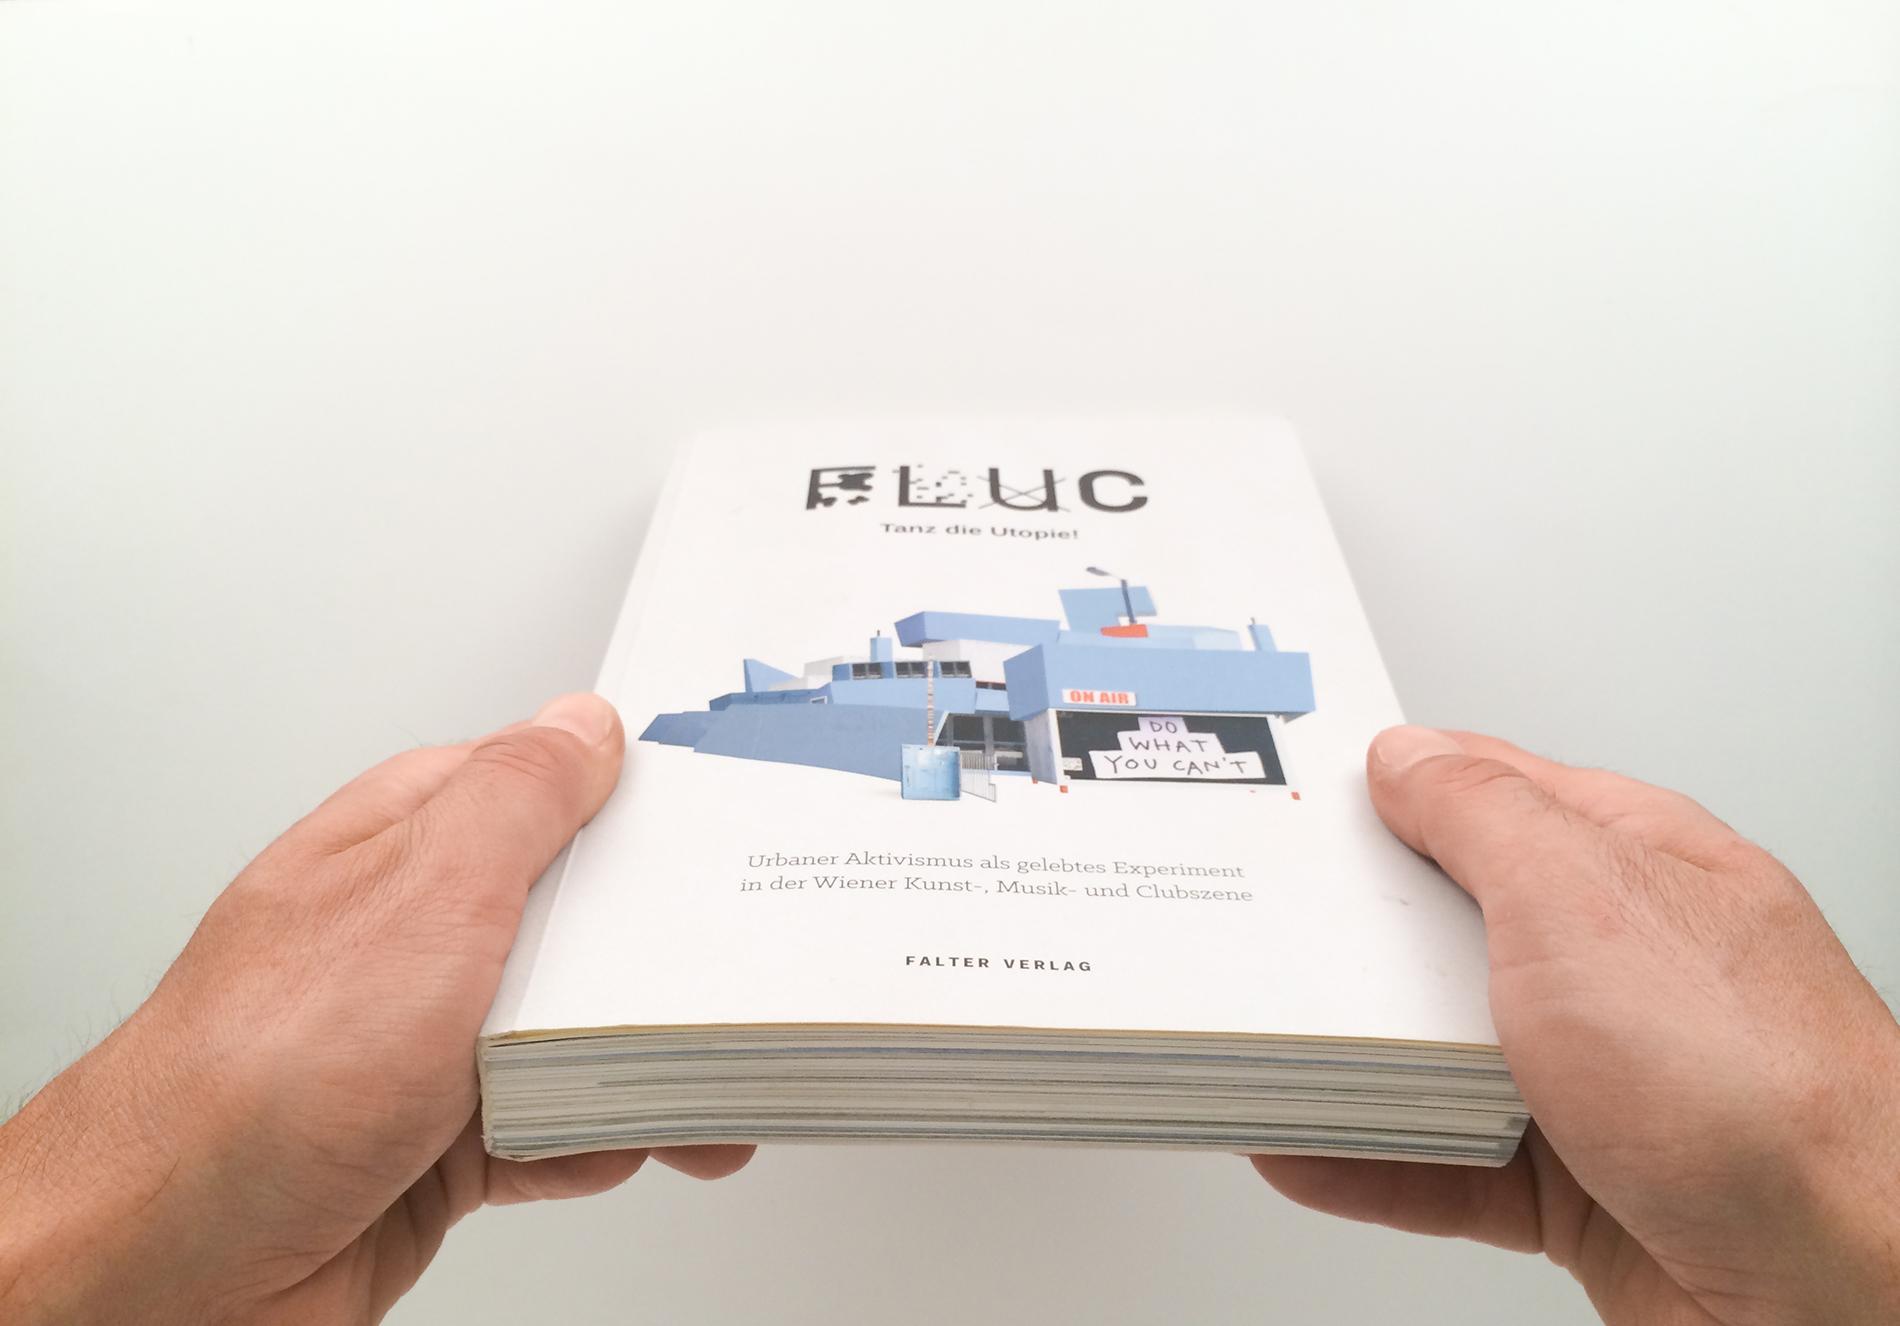 fluc4.jpg